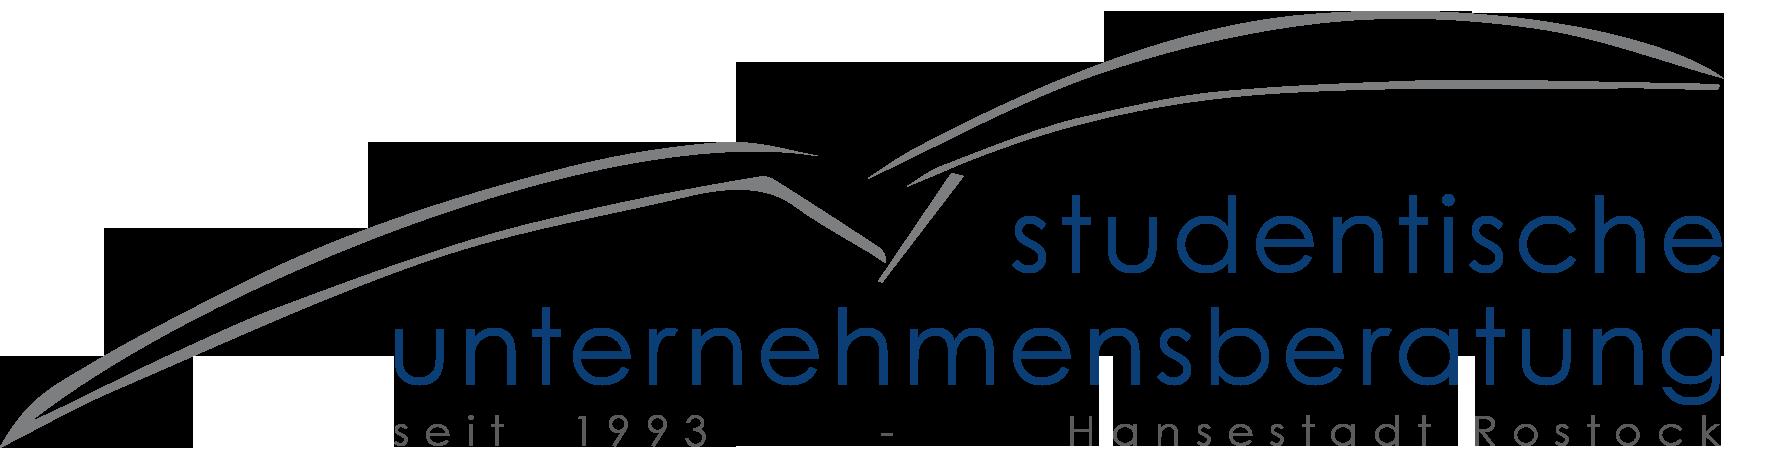 Studentische Unternehmensberatung Rostock e.V.